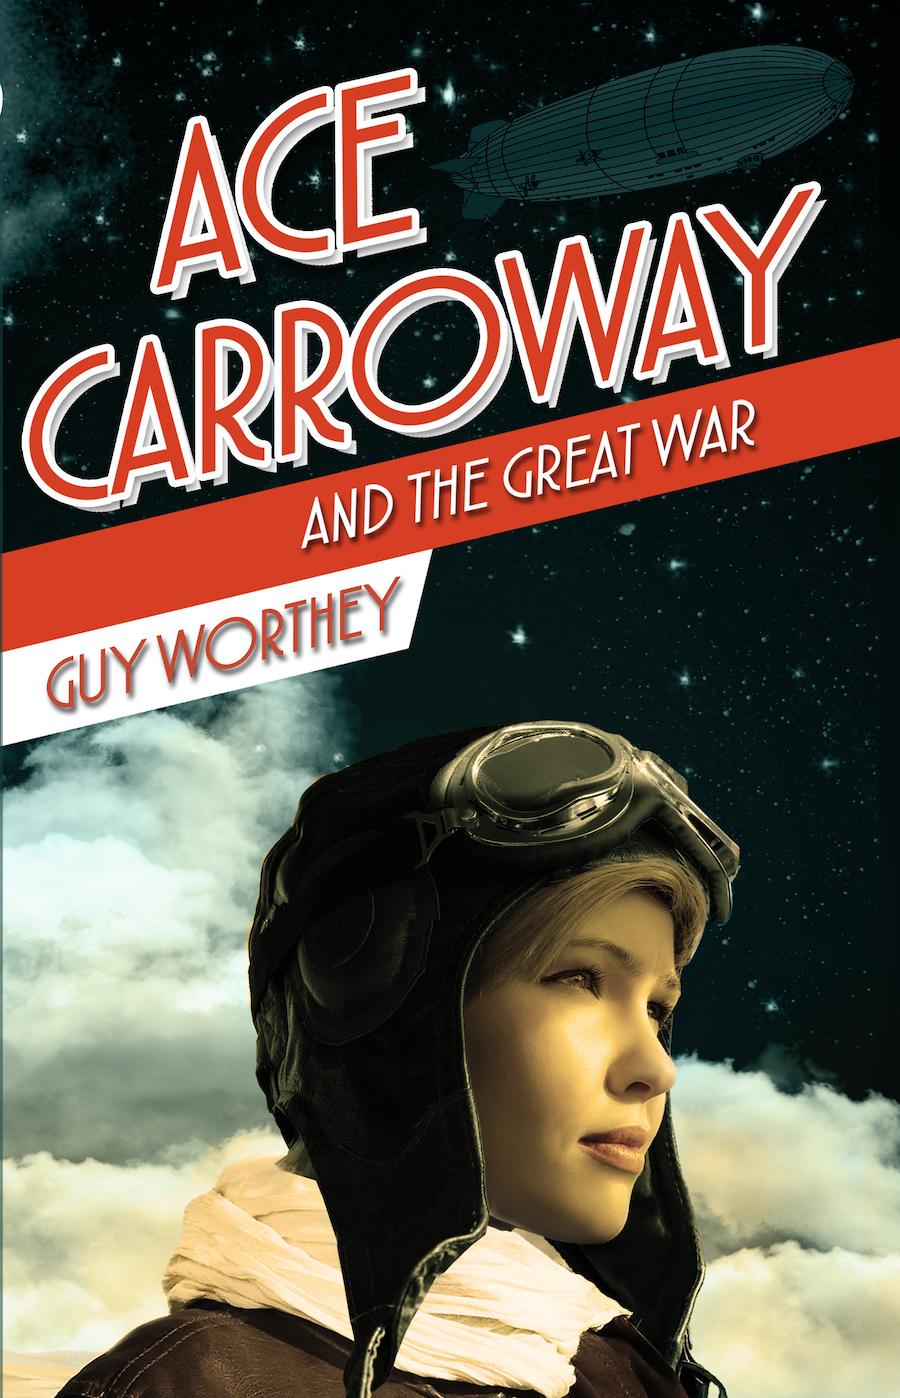 Ace_Carroway_01_cover.jpg